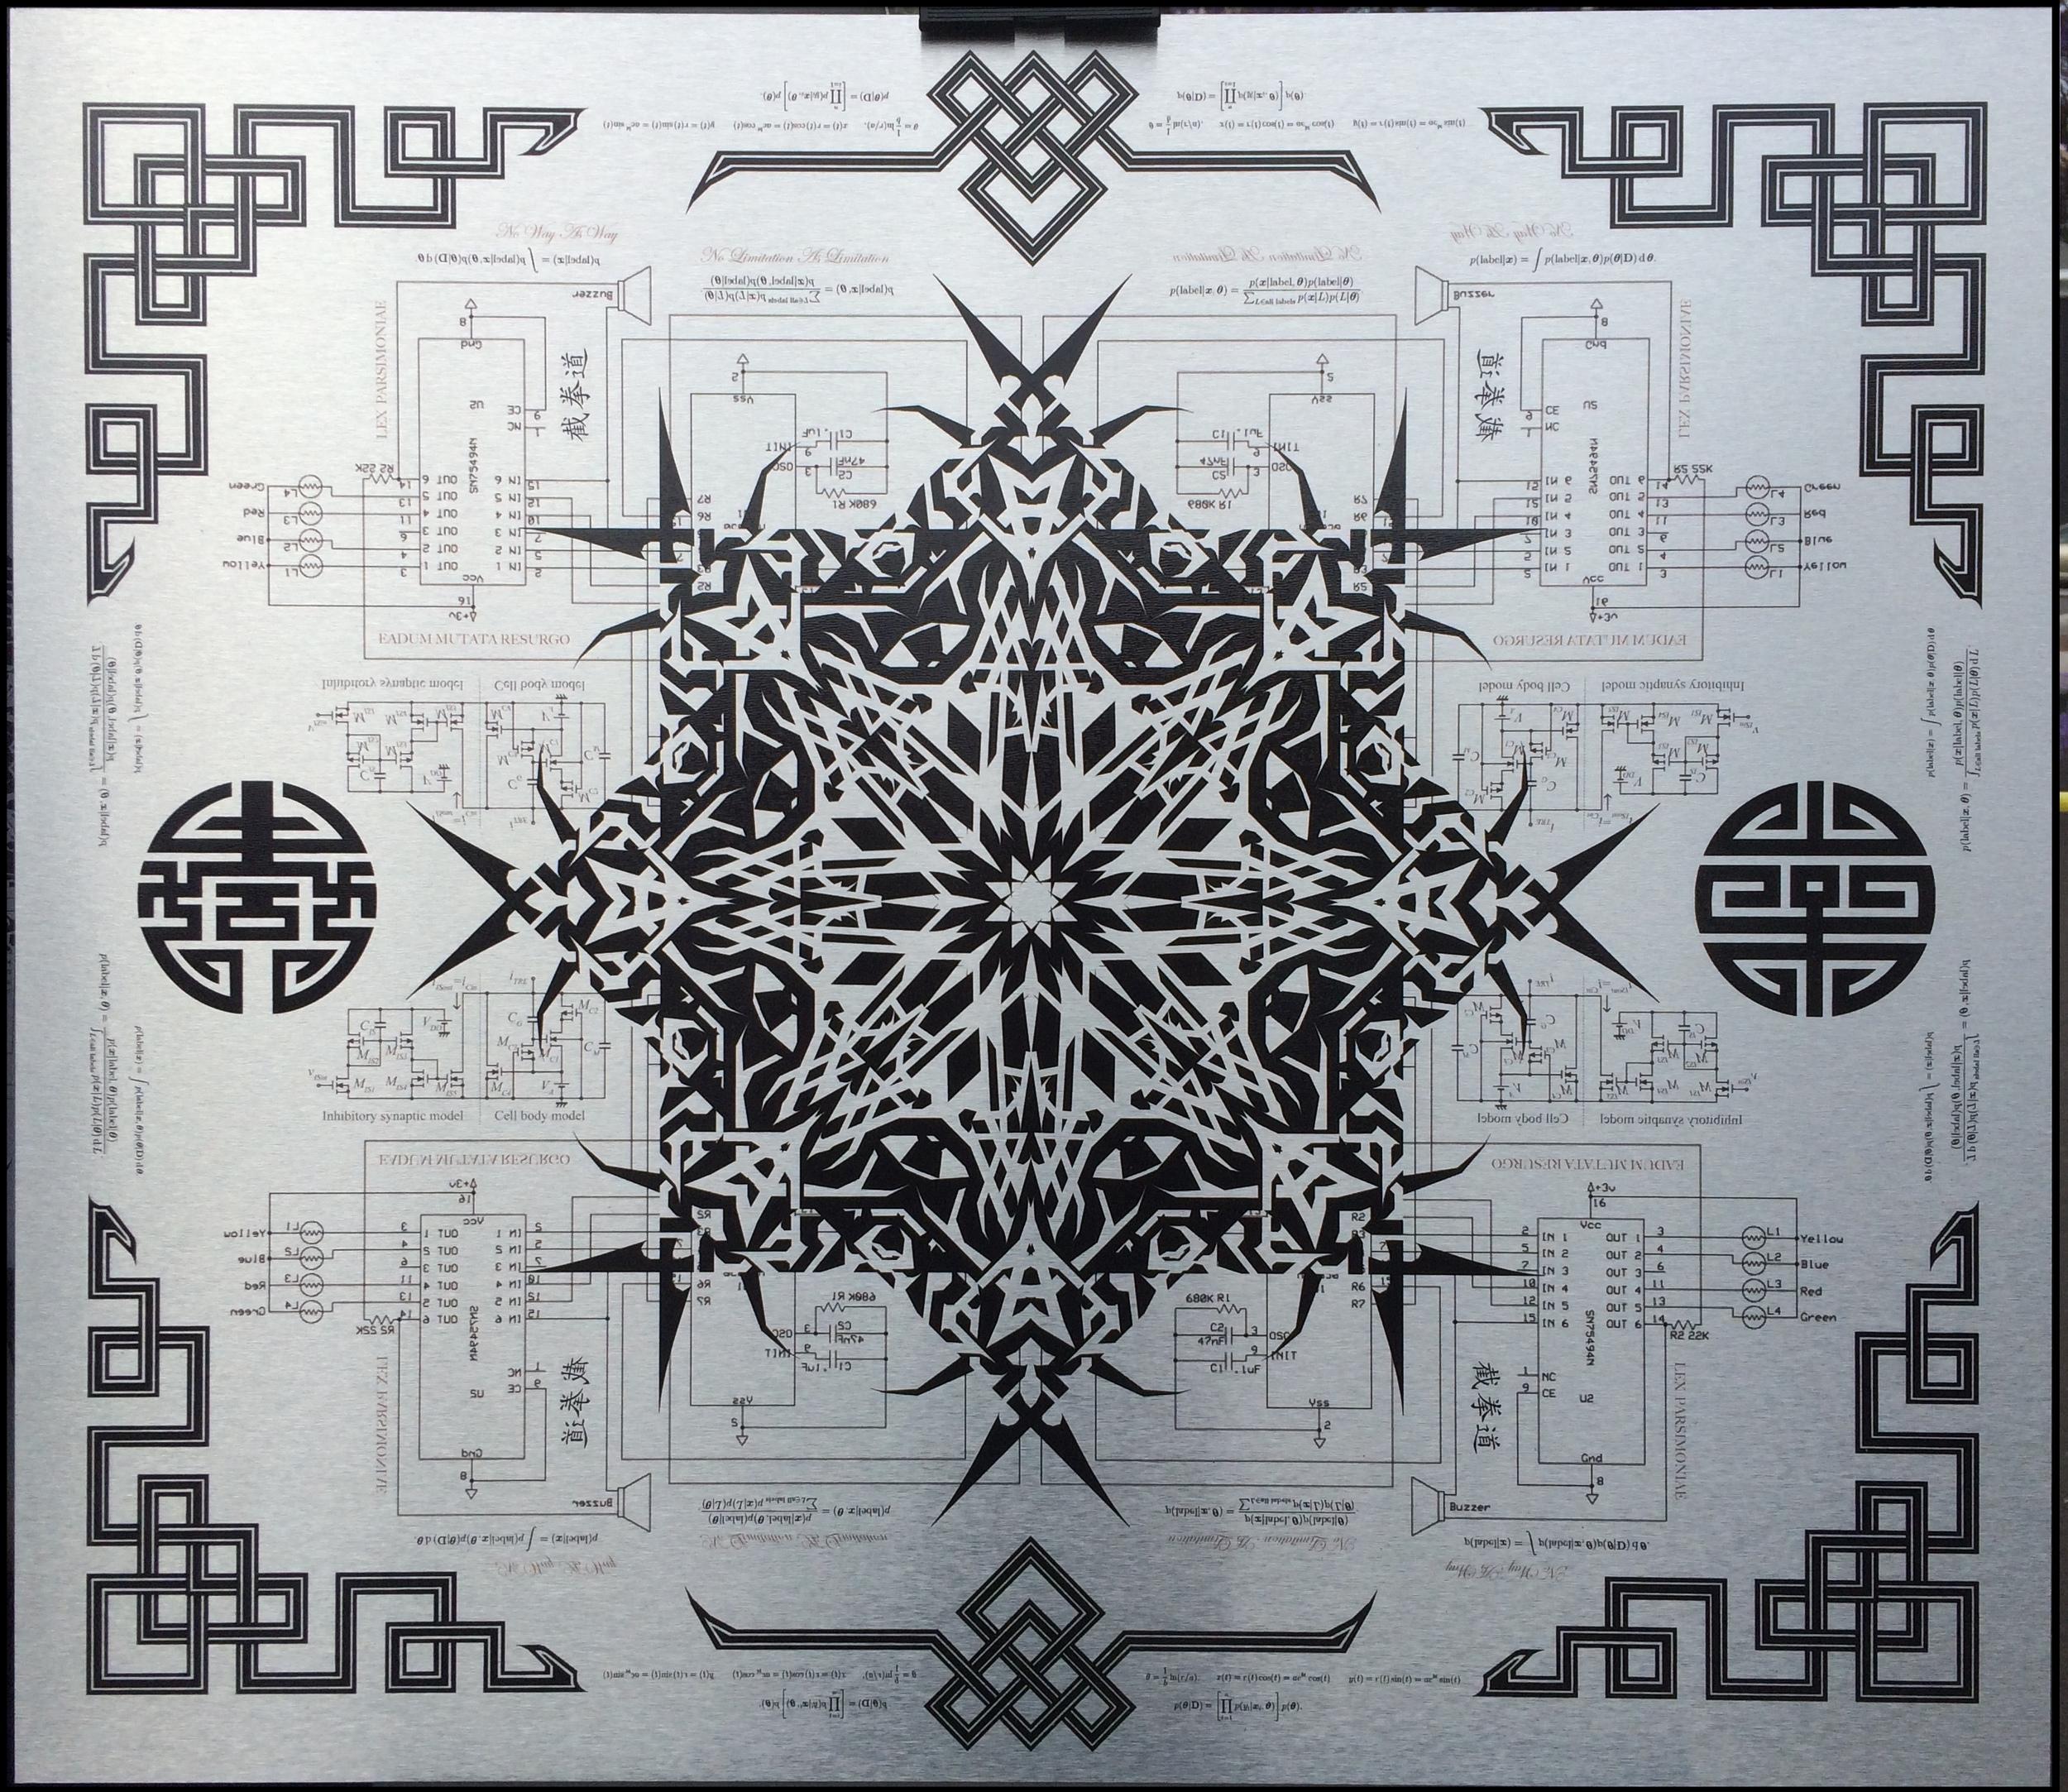 DRESDEN7 ART